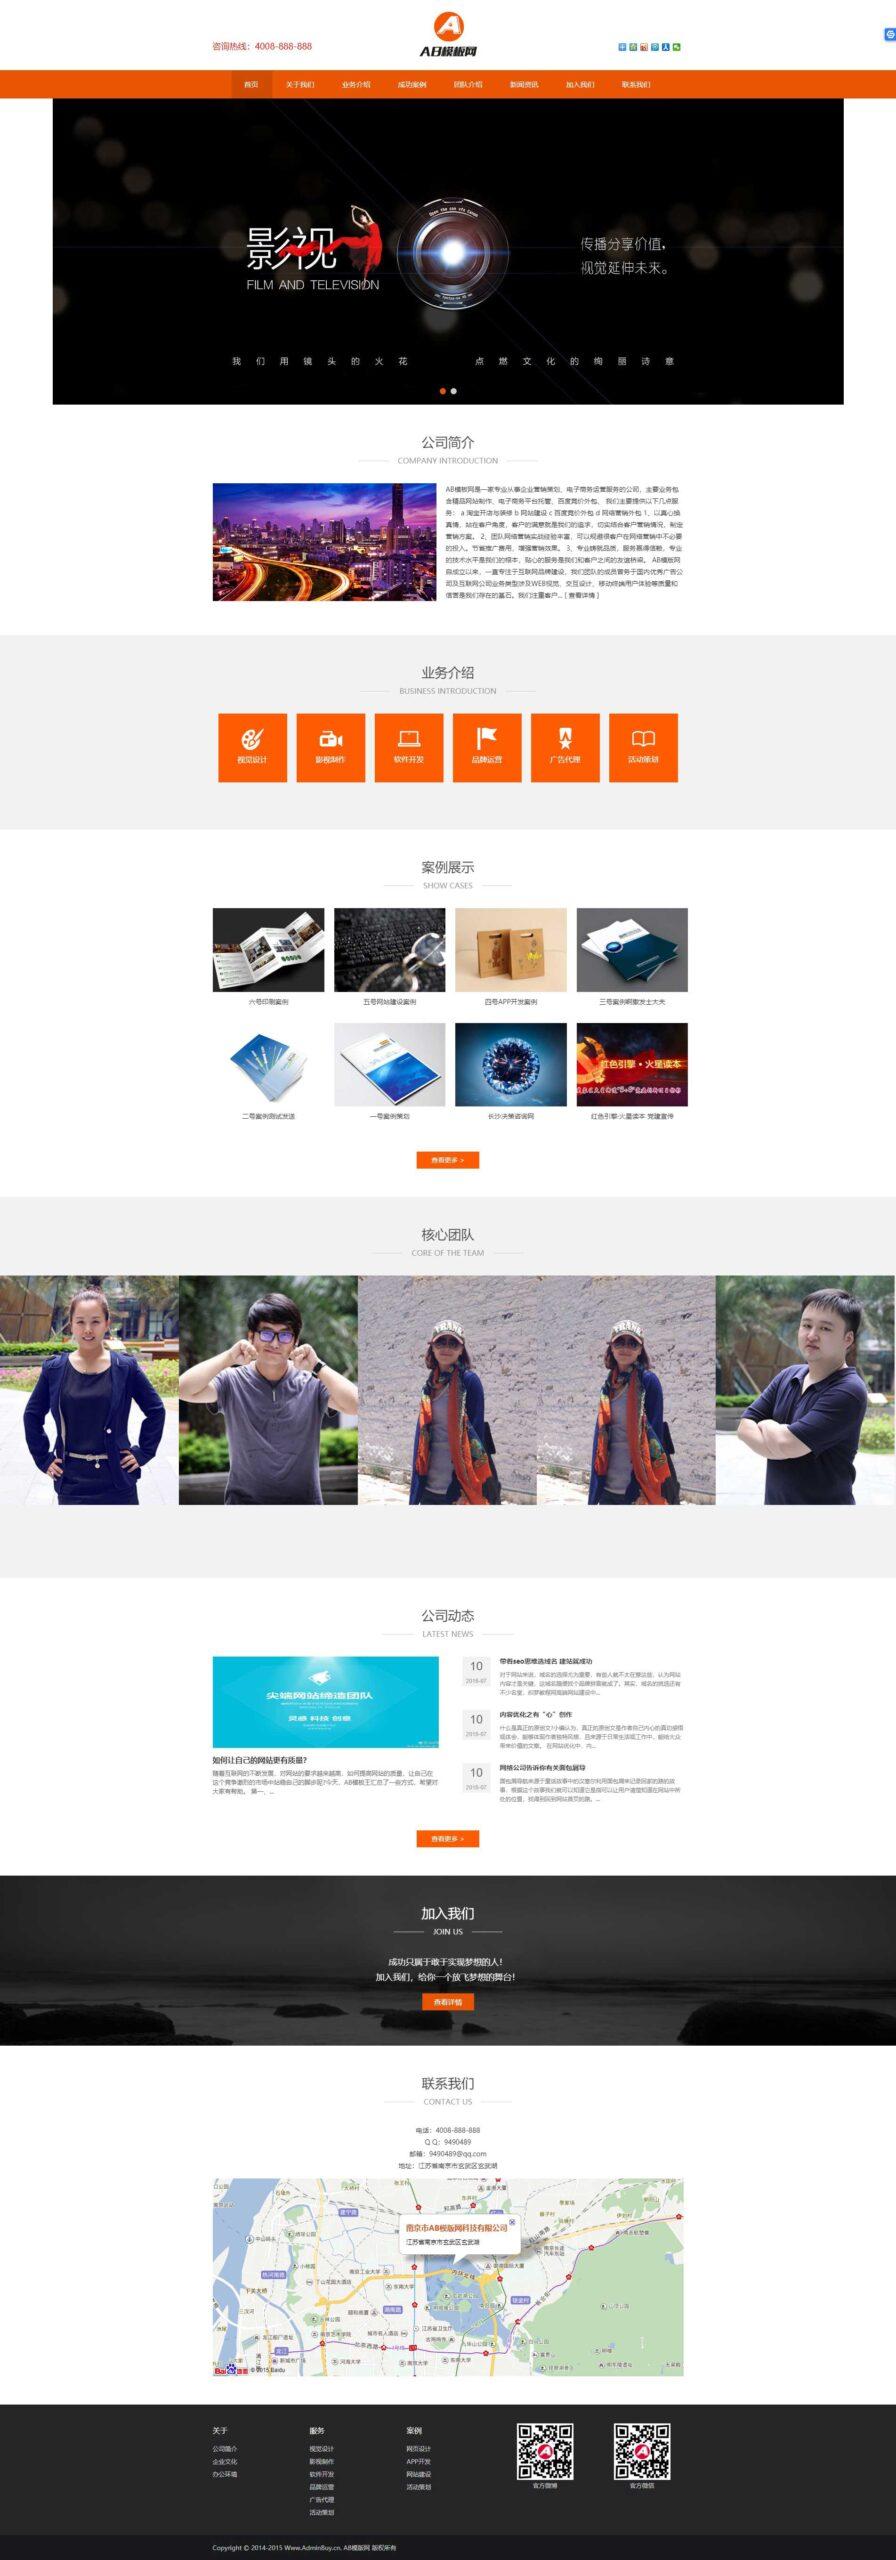 影视传播传媒网站织梦dede模板HTML5源码[带手机版数据同步]插图